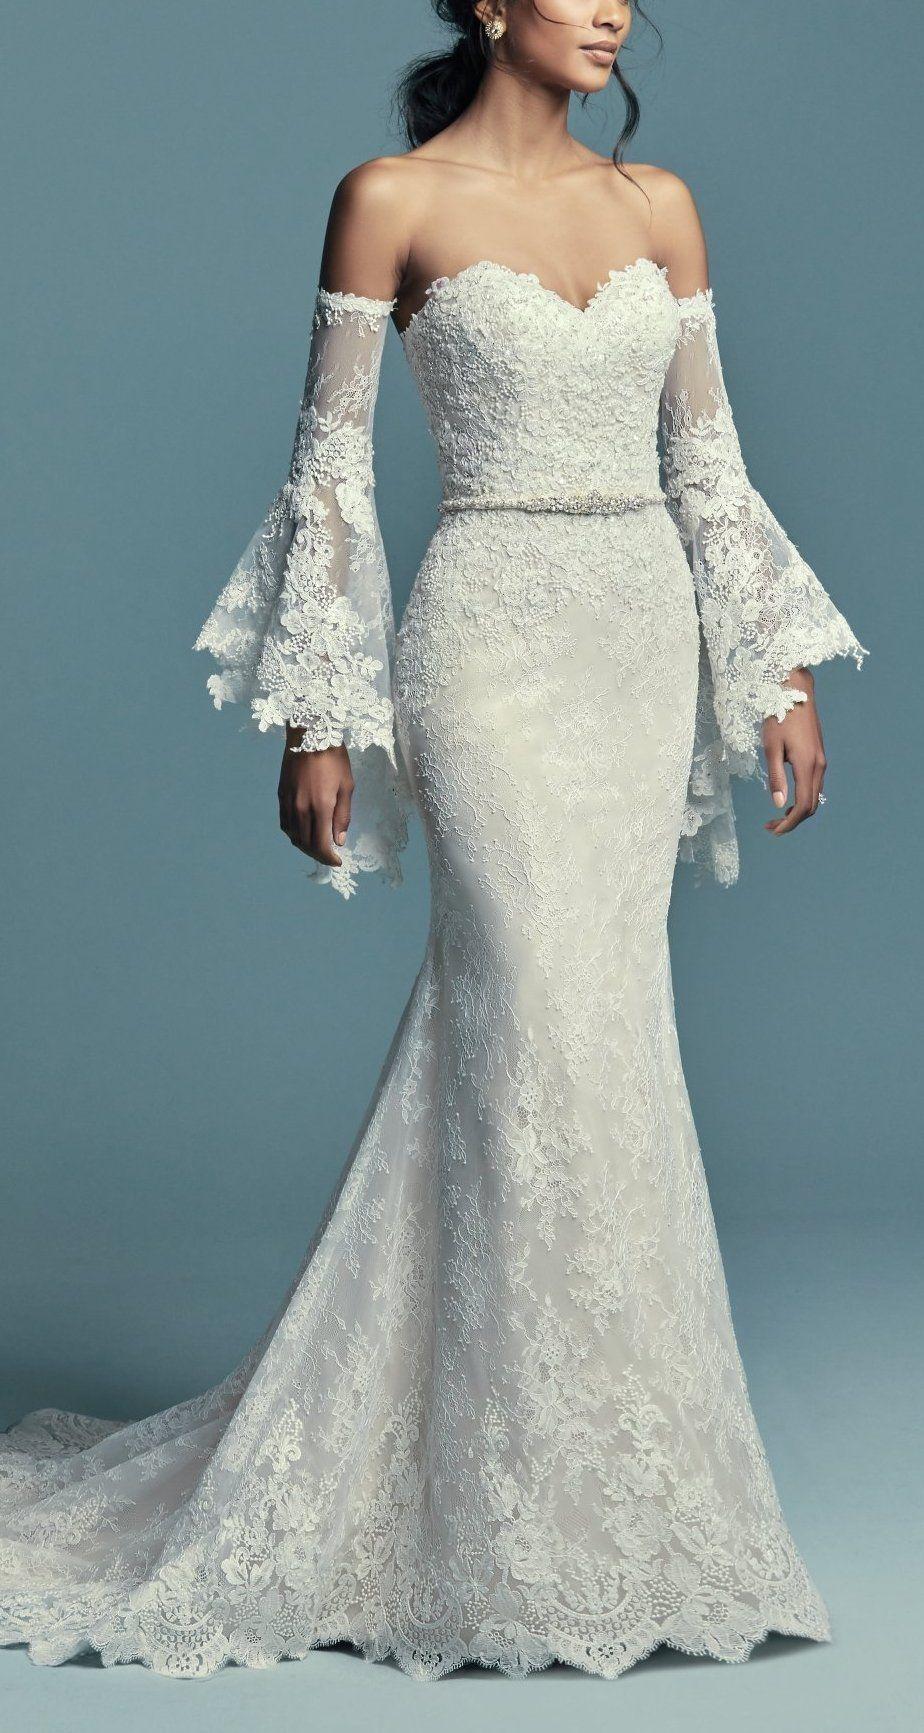 Maggie Sottero Wedding Dresses - Trouwjurken